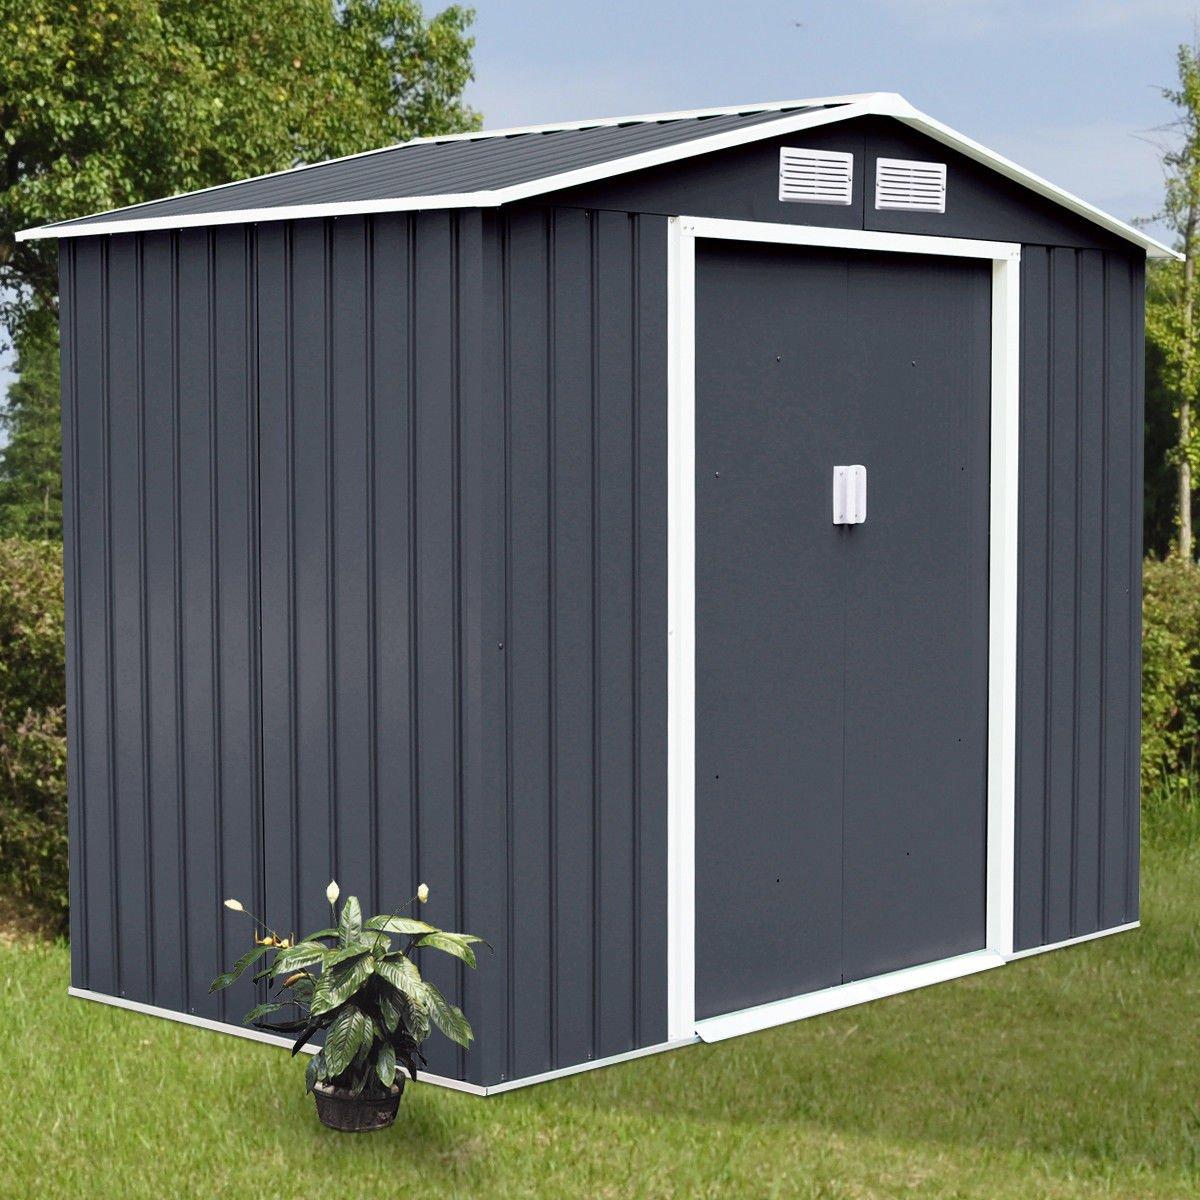 9'x6' Outdoor Garden Storage Shed Tool - Sliding Door Steel- Super big space Dark Gray New